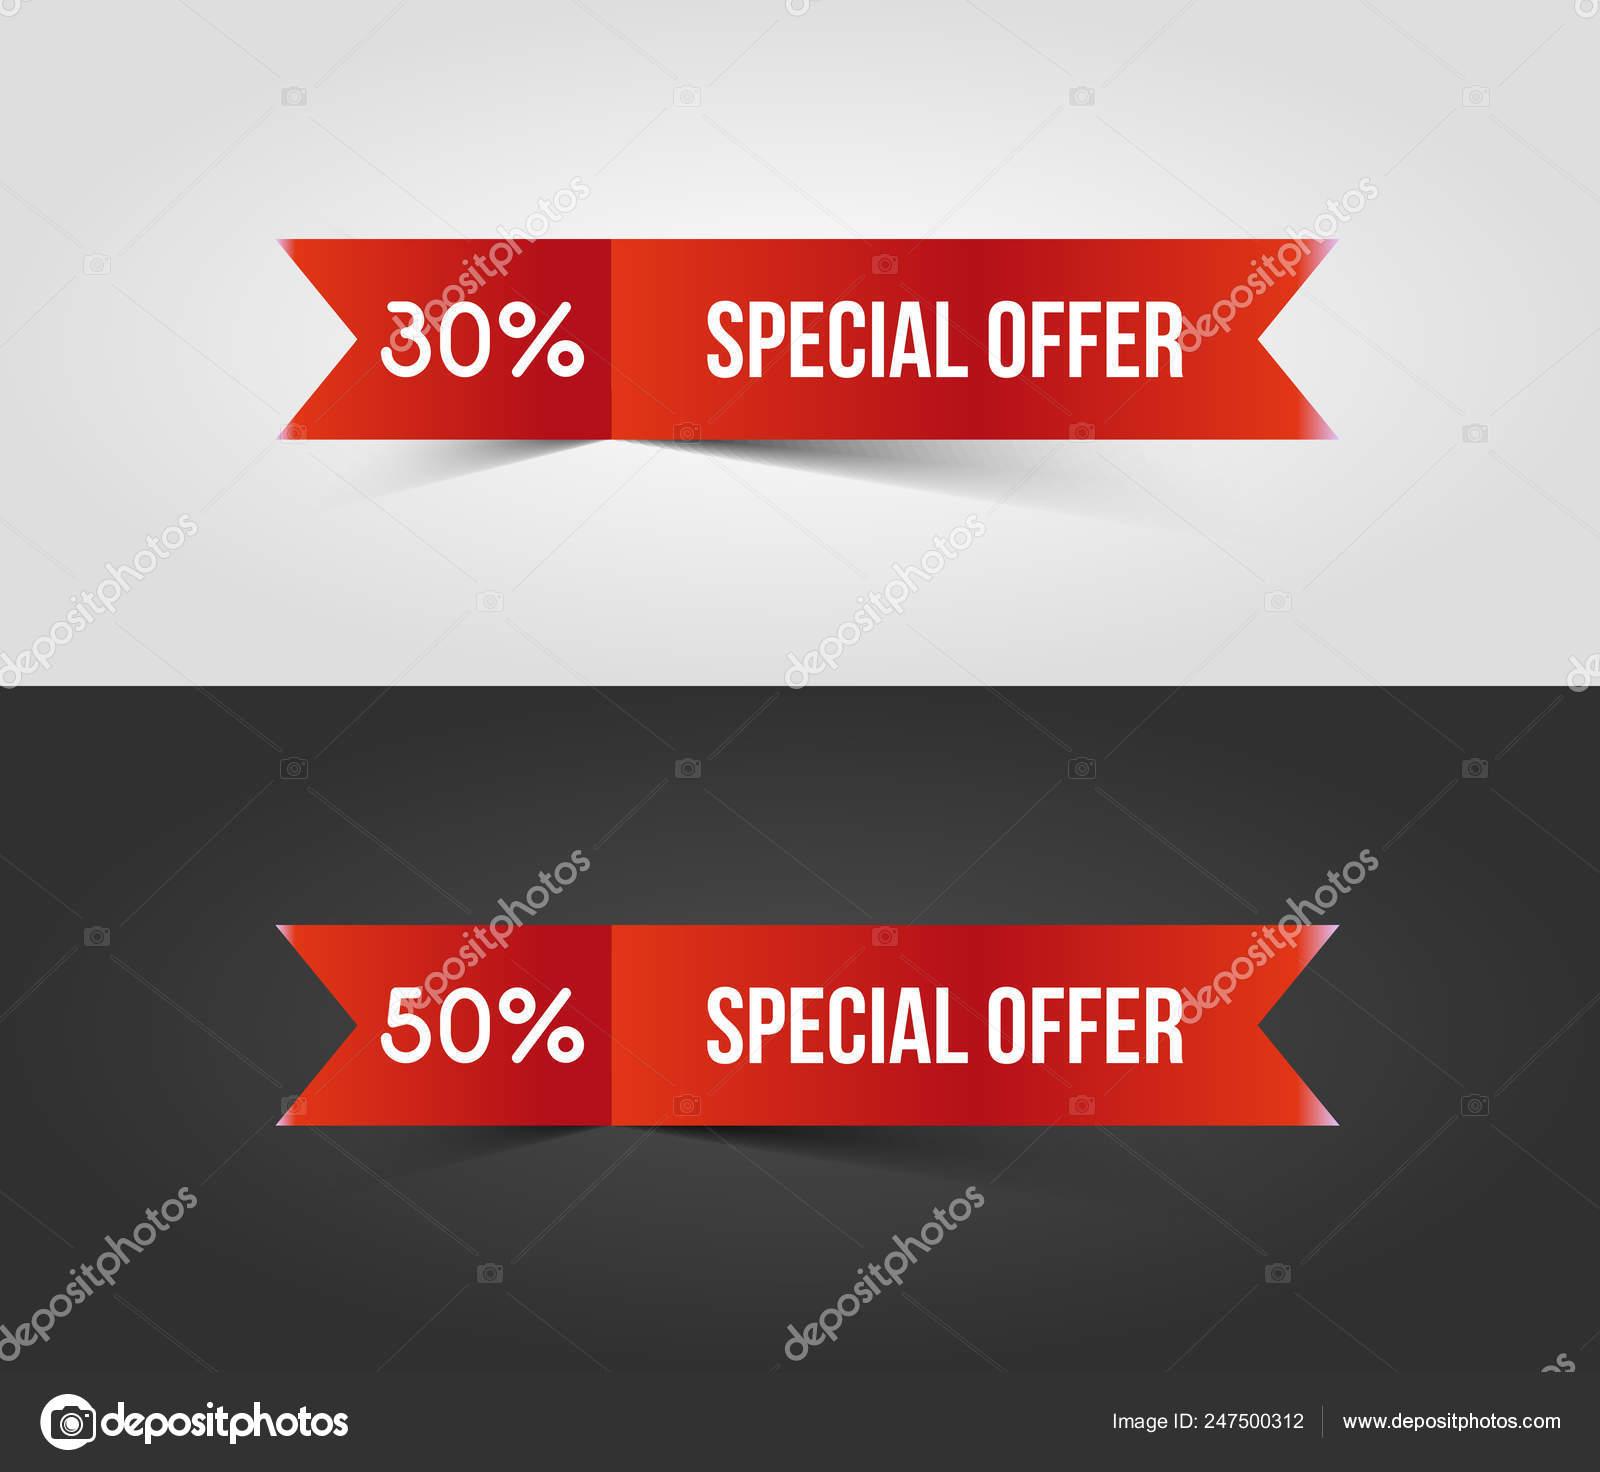 Specialoffer3red Speciale Offerta Banner Con Ombra Su Sfondo Bianco